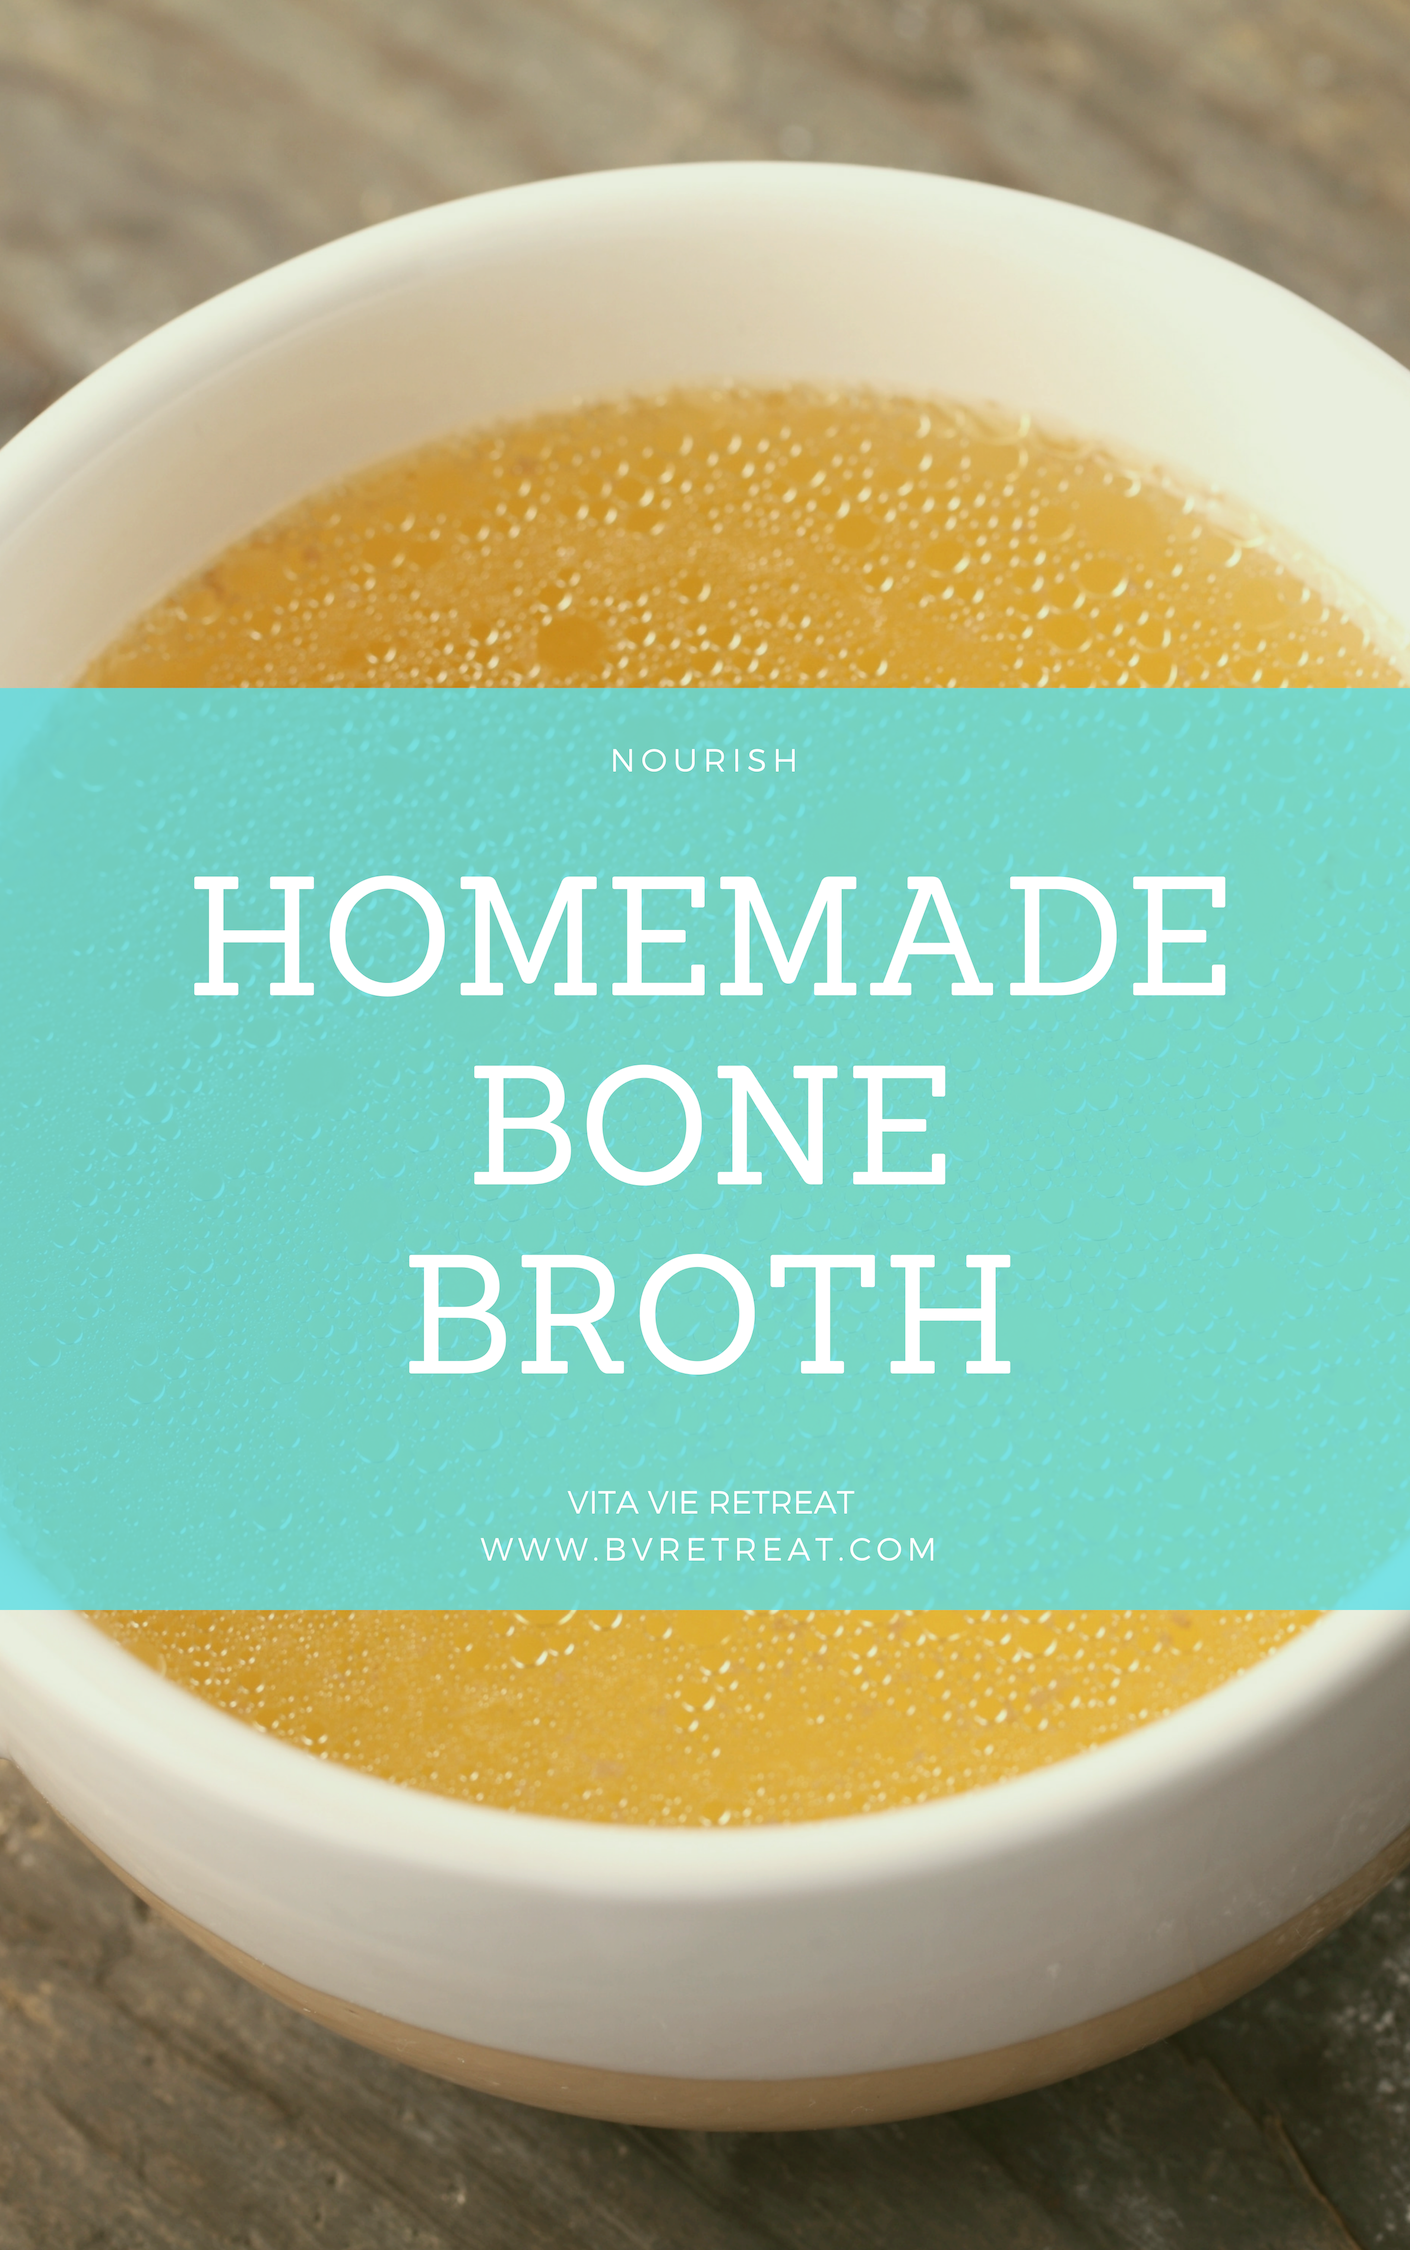 Bone broth recipe made from scratch.